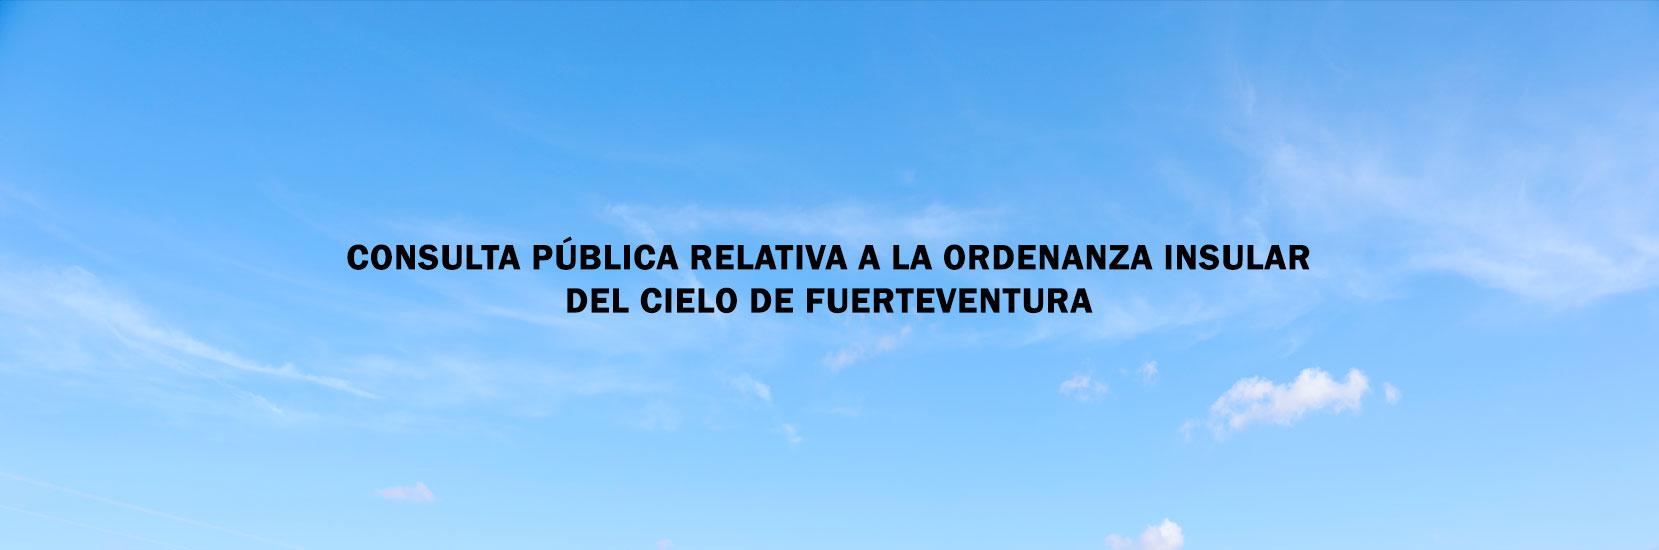 Banner_OrdenanzaCielo